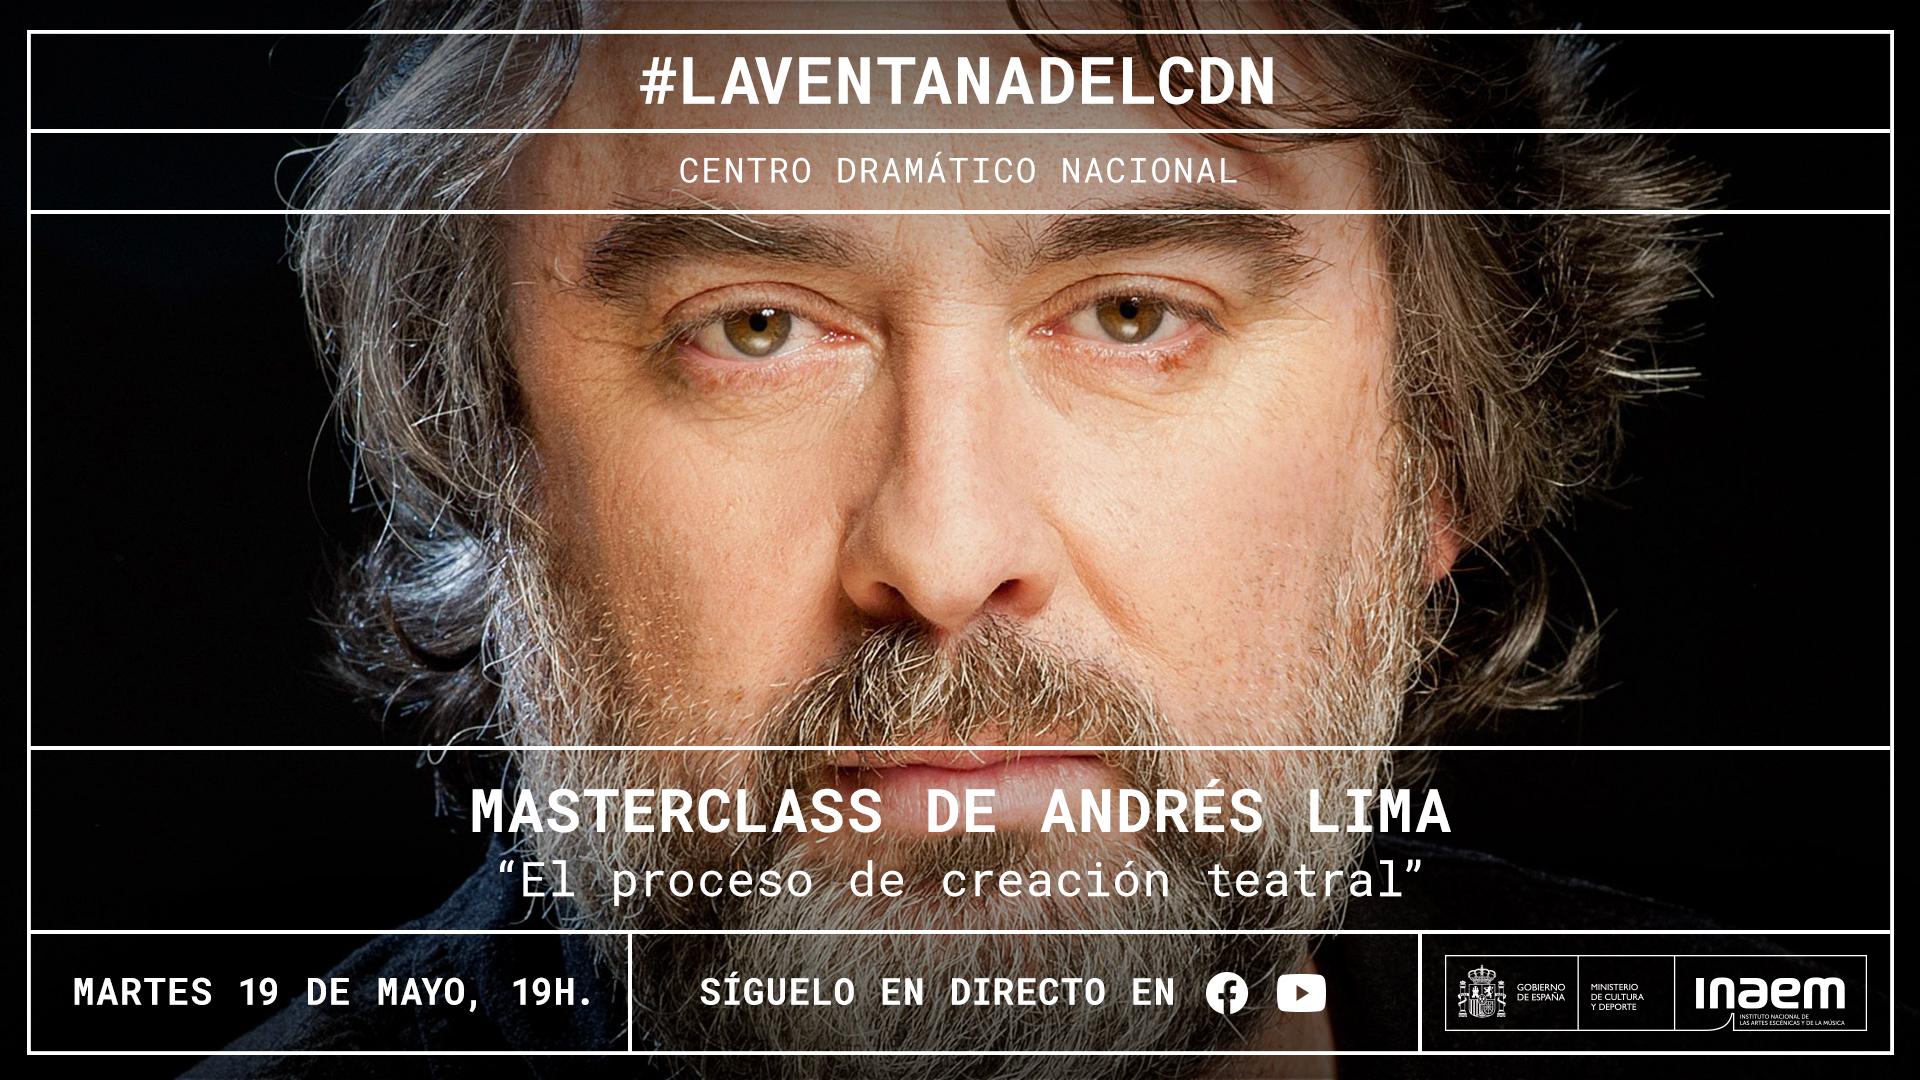 Andrés Lima imparte hoy en directo la masterclass «El proceso de creación teatral»